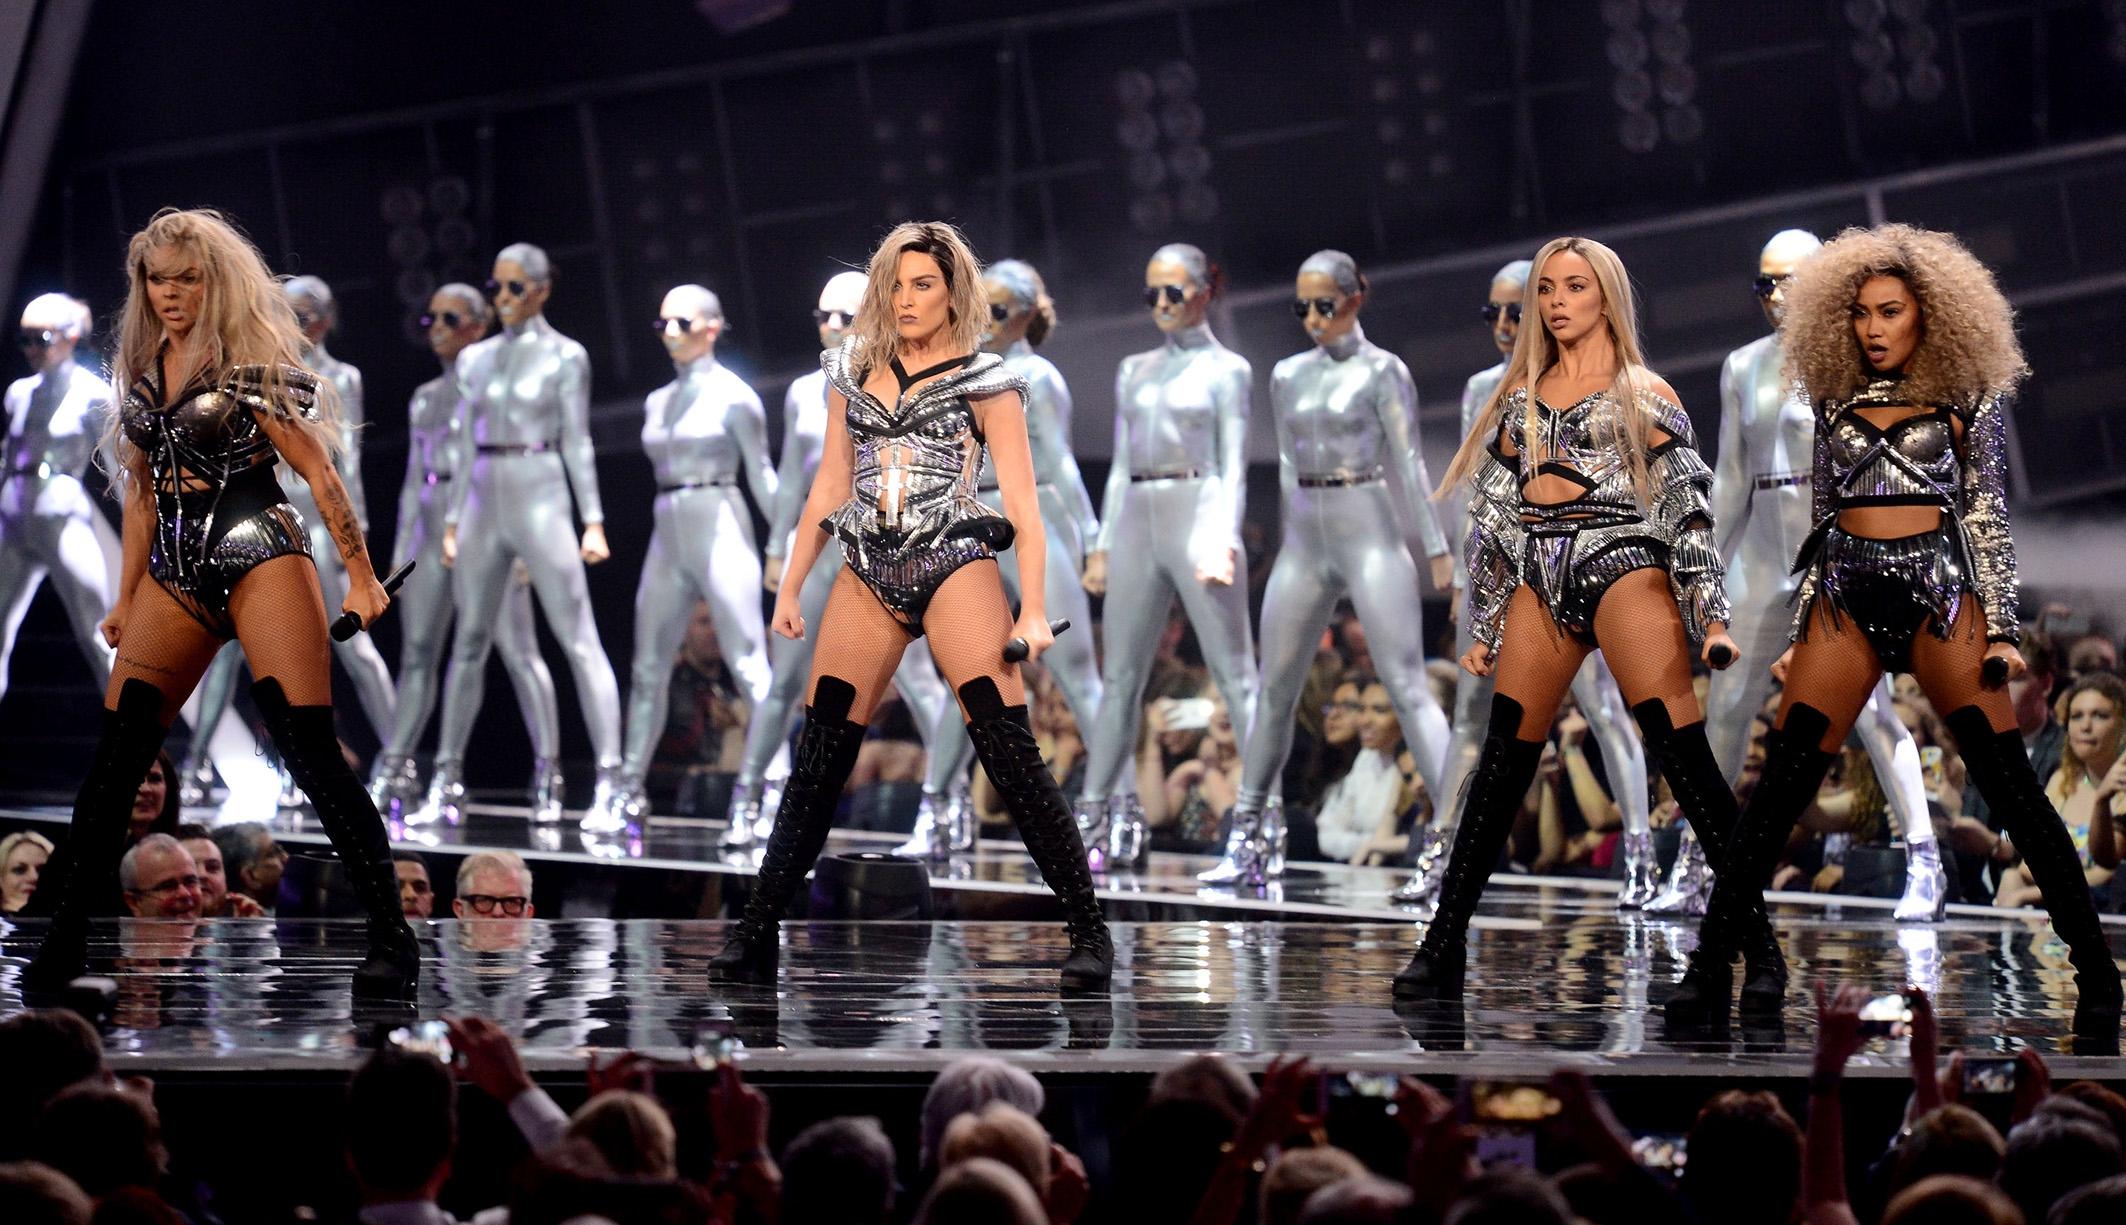 ZIEN: Dit waren de hoogtepunten van de BRIT Awards 2017